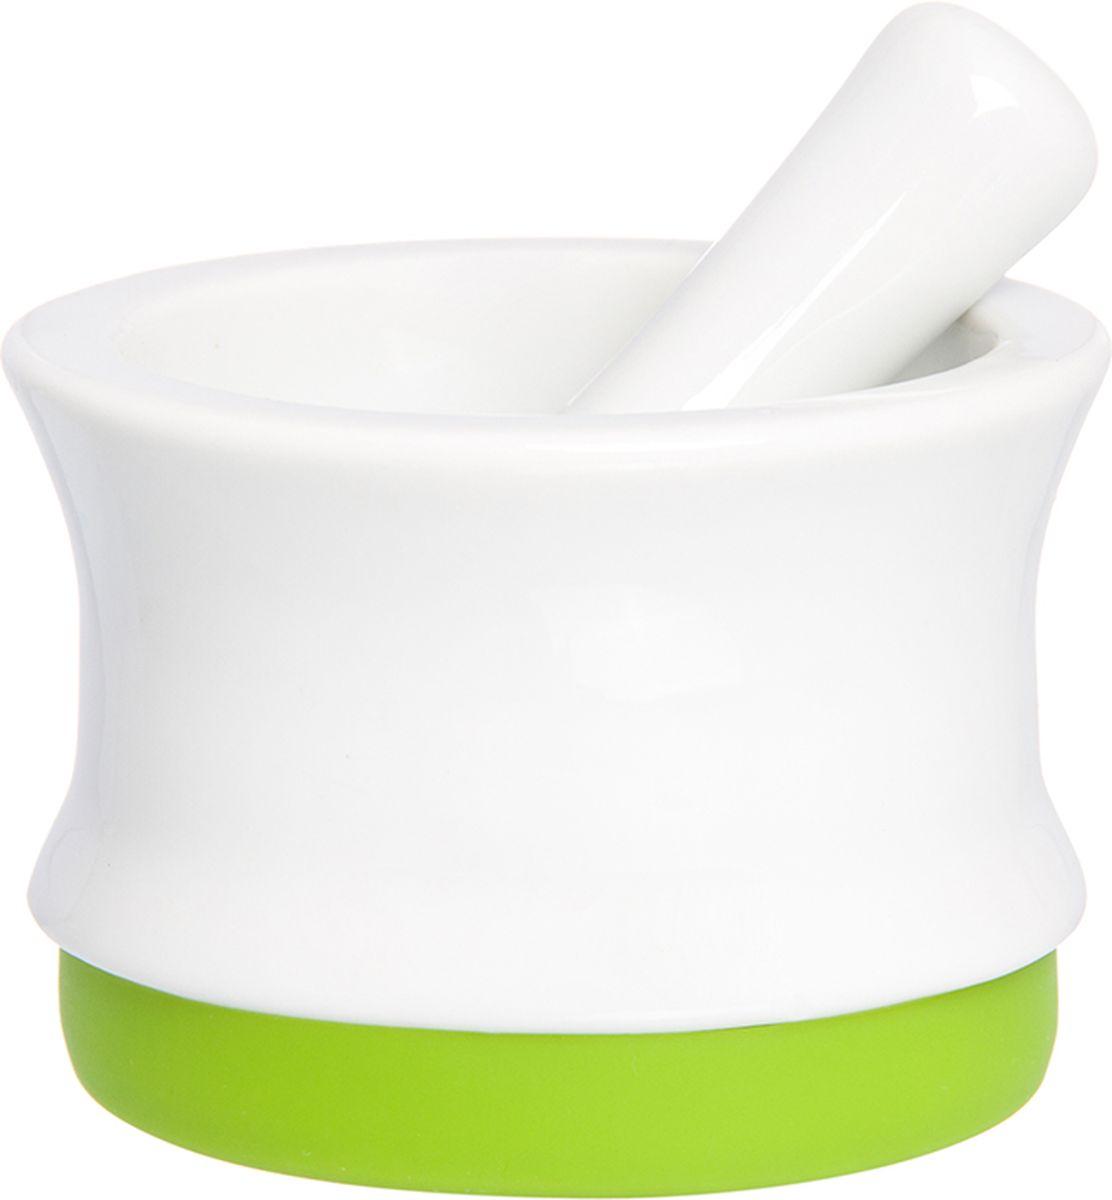 Ступка с пестиком Elan Gallery, с подставкой, цвет: белый, салатовый, 7,5 х 7,5 х 5,3 см900031Ступка с силиконовой ножкой-подставкой и пестиком очень удобна для измельчения специй. Незаменимый помощник на кухне. Отличный подарок для искусных кулинаров.